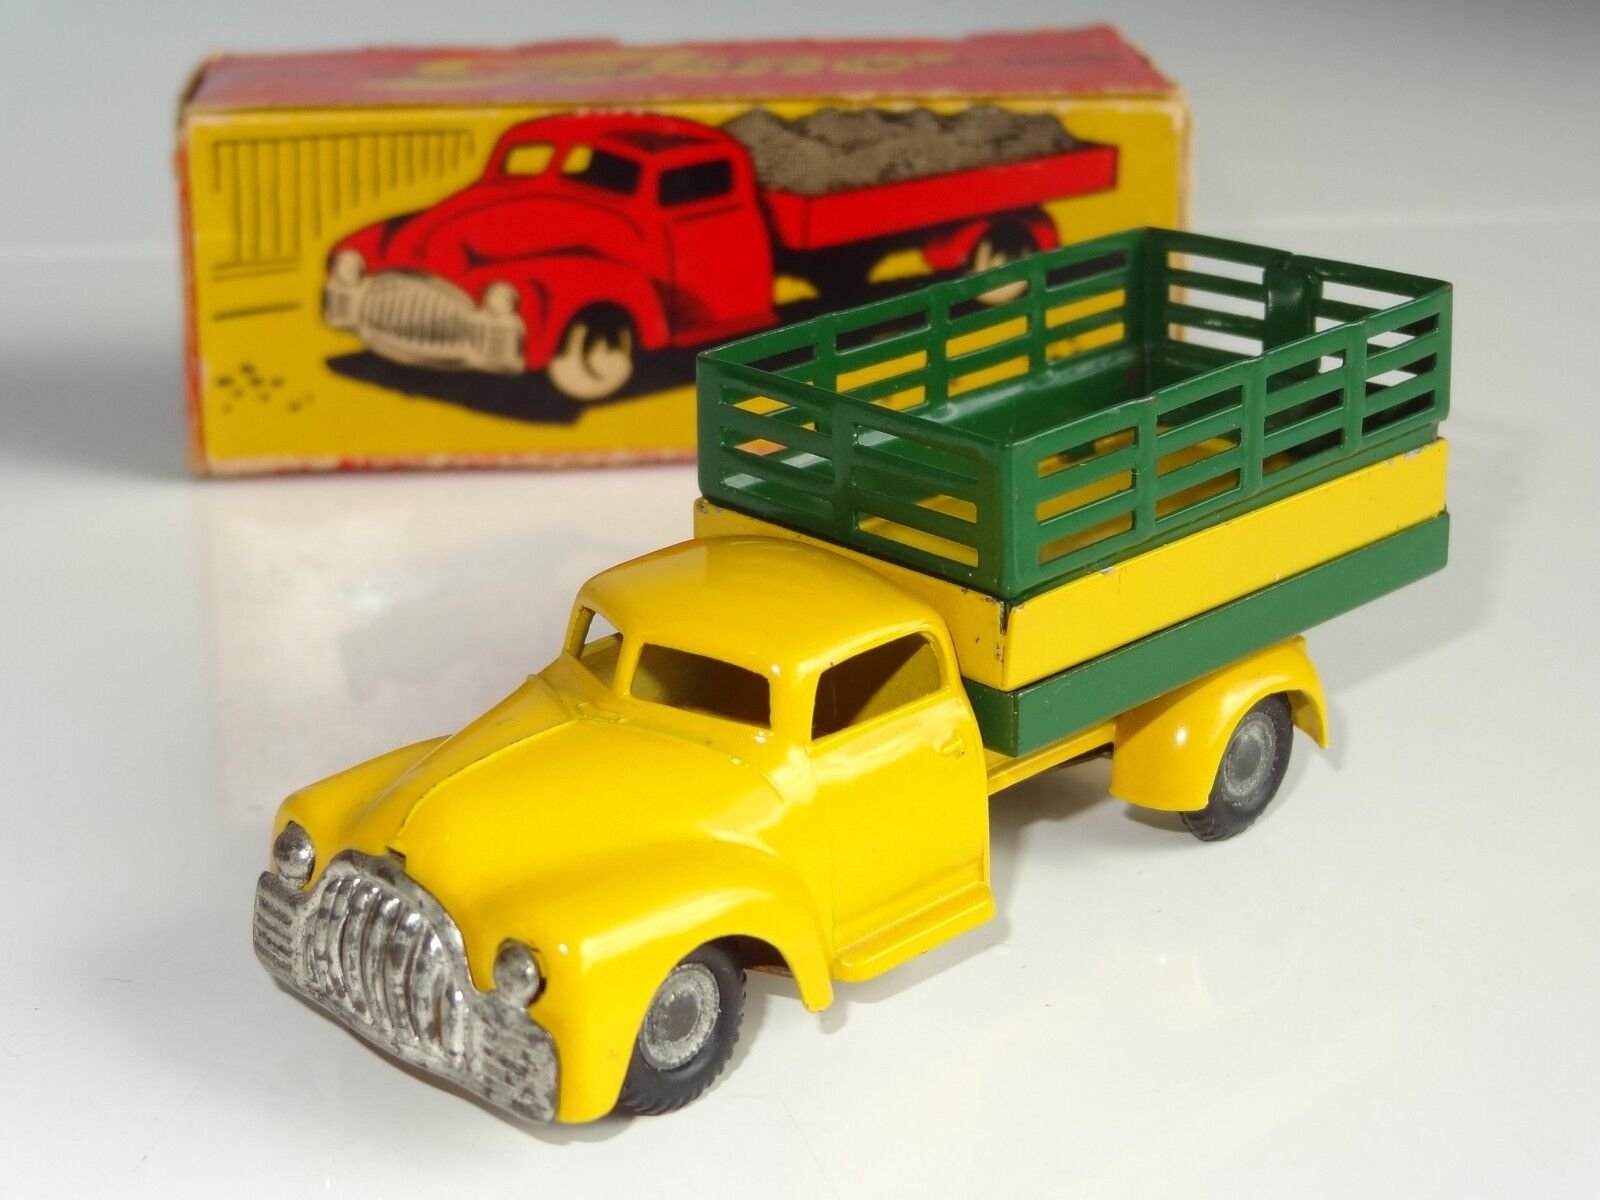 Années et bagues brillantes (V) (V) (V) Tekno Dodge Animal Truck 773 | Nouveaux Produits  | Grand Assortiment  | Sale Online  a52e6d